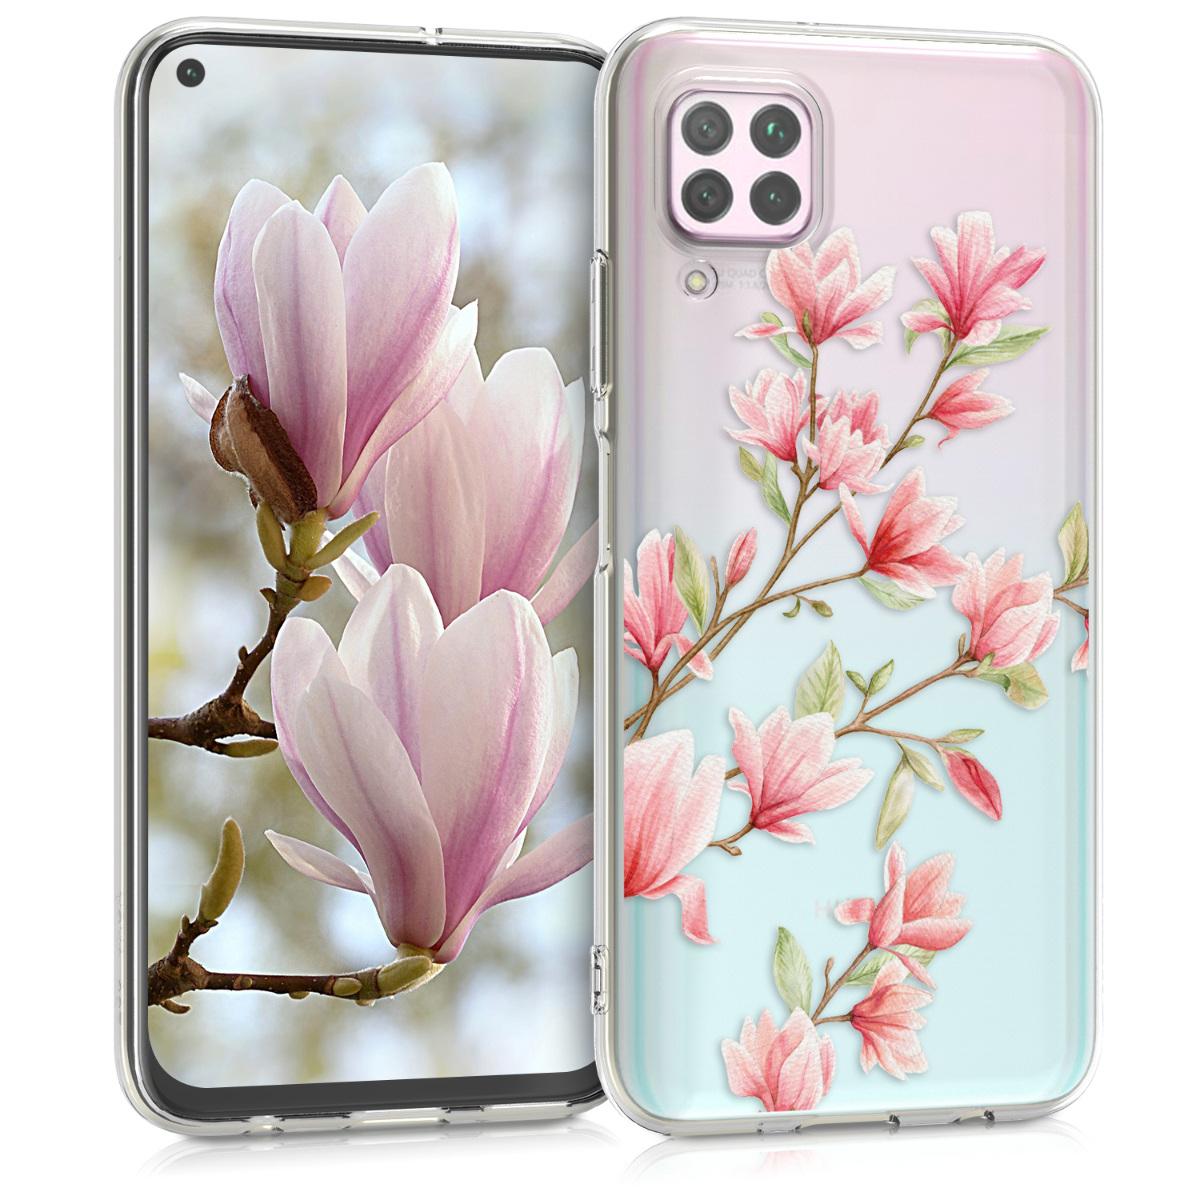 Silikonové pouzdro / obal pro Huawei P40 Lite s motivem květů magnolie